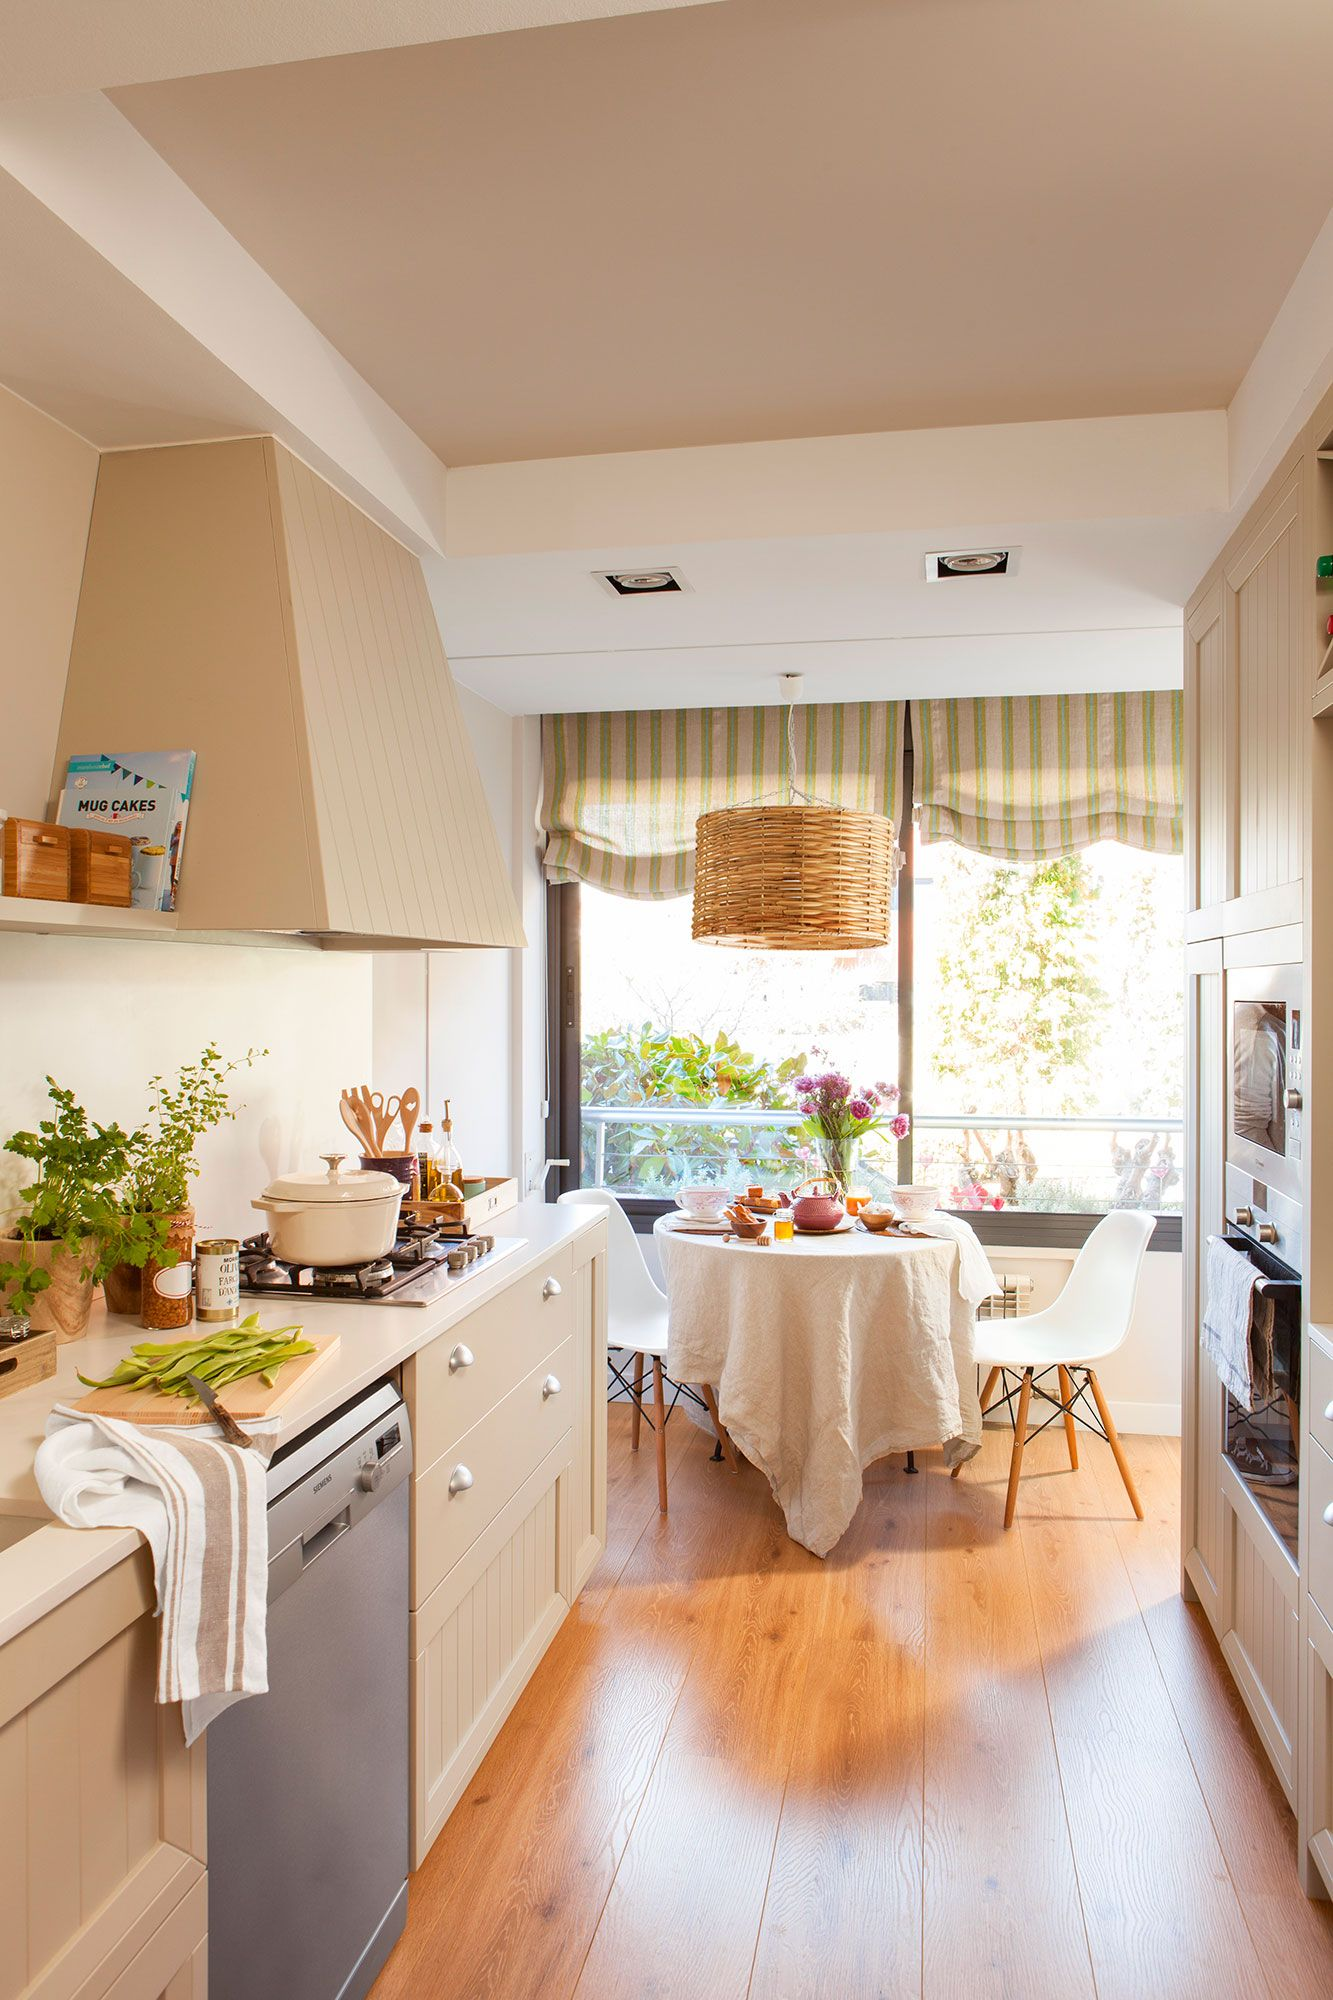 Cocinas Practicas Para Cada Tipo De Necesidad Y Familia Espacios - Cocinas-practicas-y-modernas